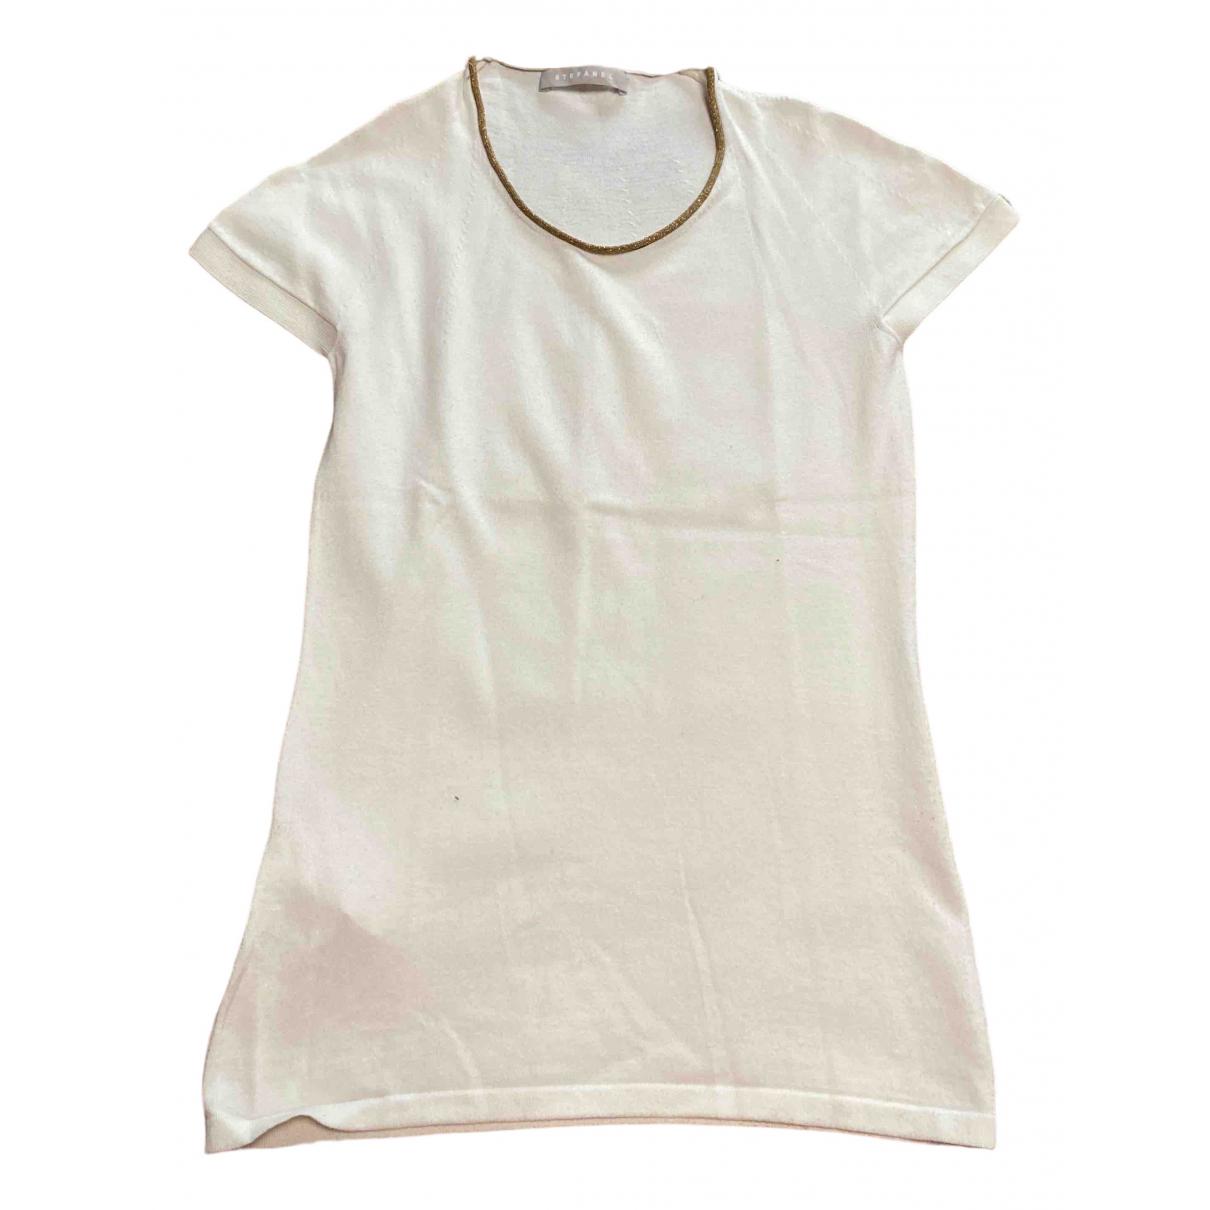 Stefanel - Top   pour femme - blanc